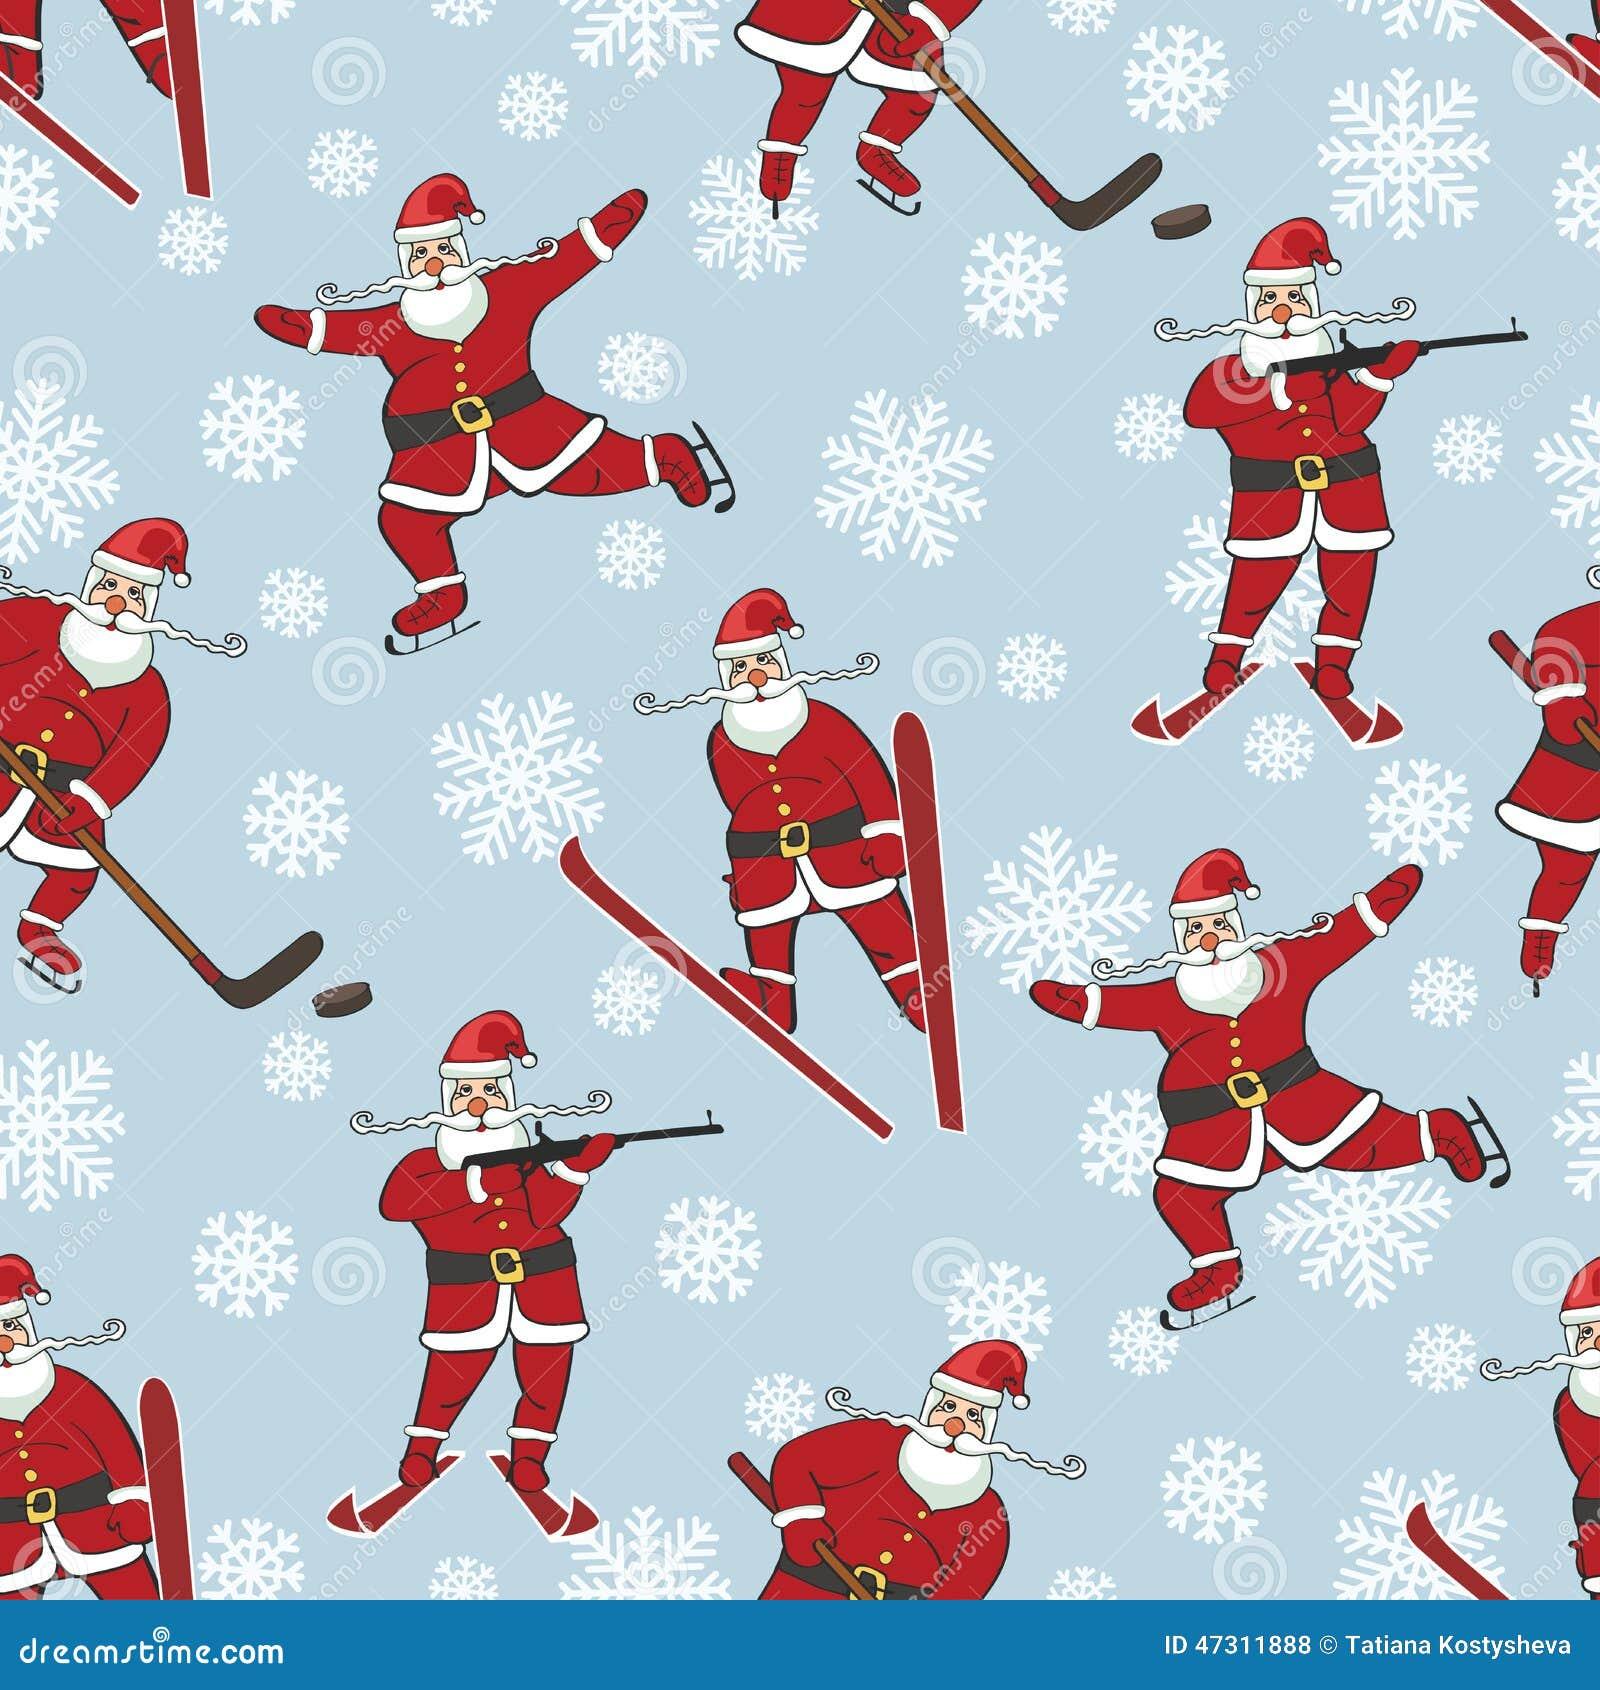 Santa Playing Winter Sports.Seamless Pattern Stock Photo ...